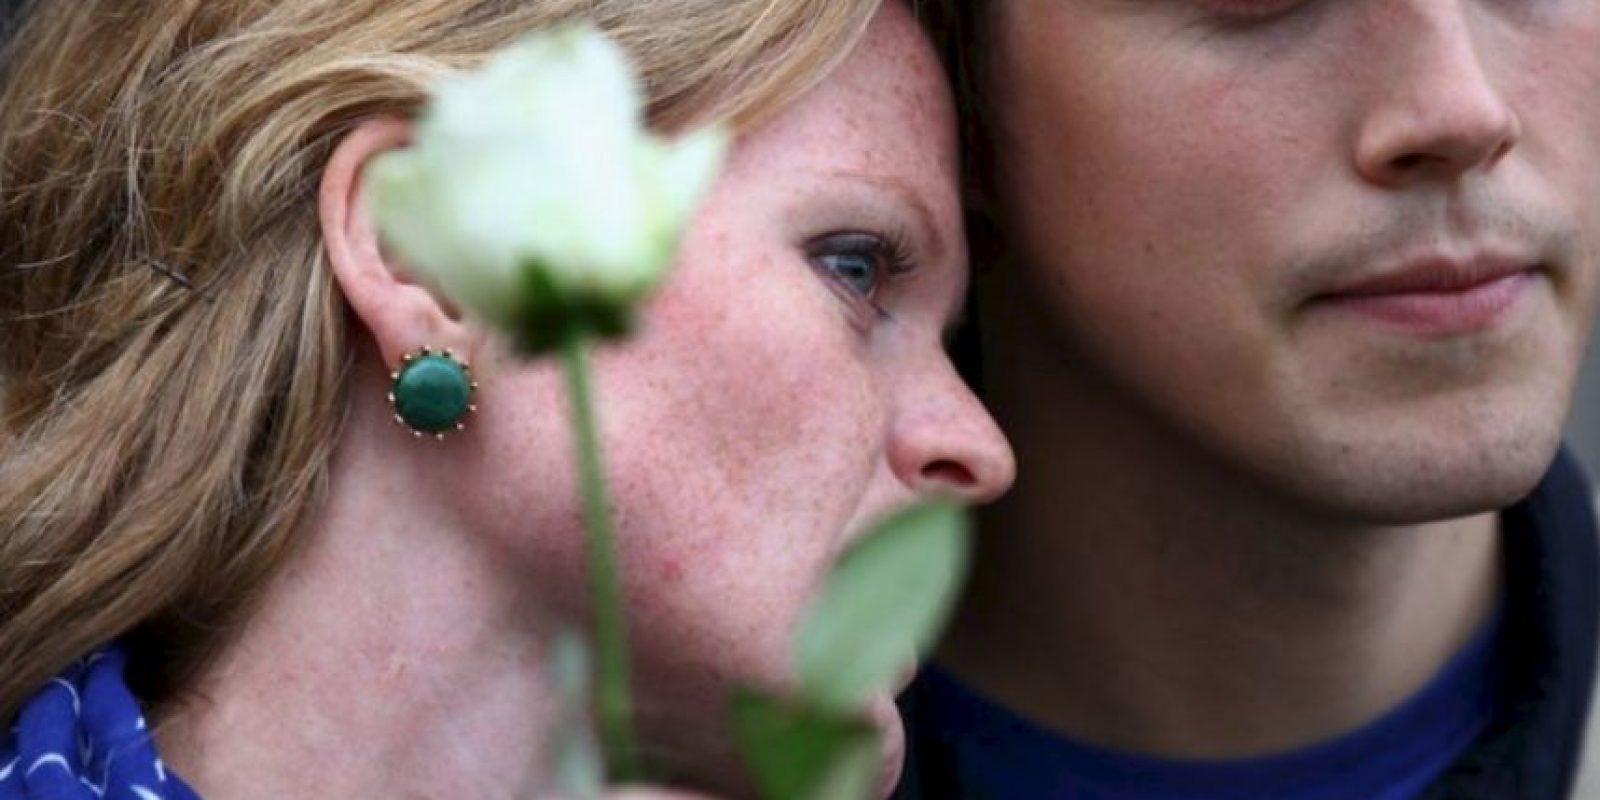 4. ¿Qué pasó con las flores? El romántico gesto desaparece lentamente. Foto:vía Getty Images